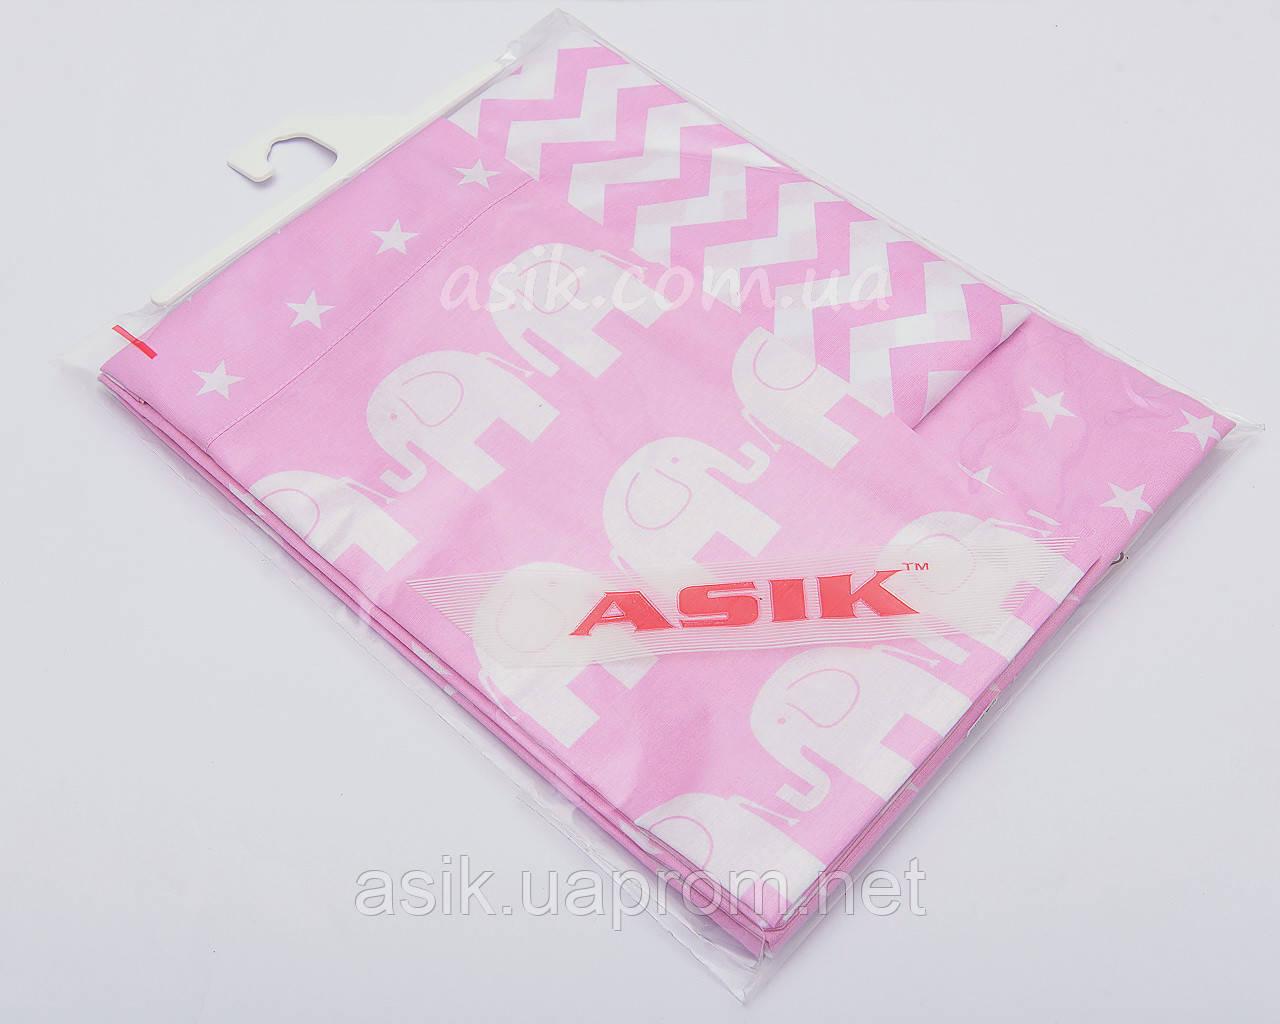 Сменная детская постель Asik Слоники звёзды и зигзаг розового цвета 3 предмета (С-0003)